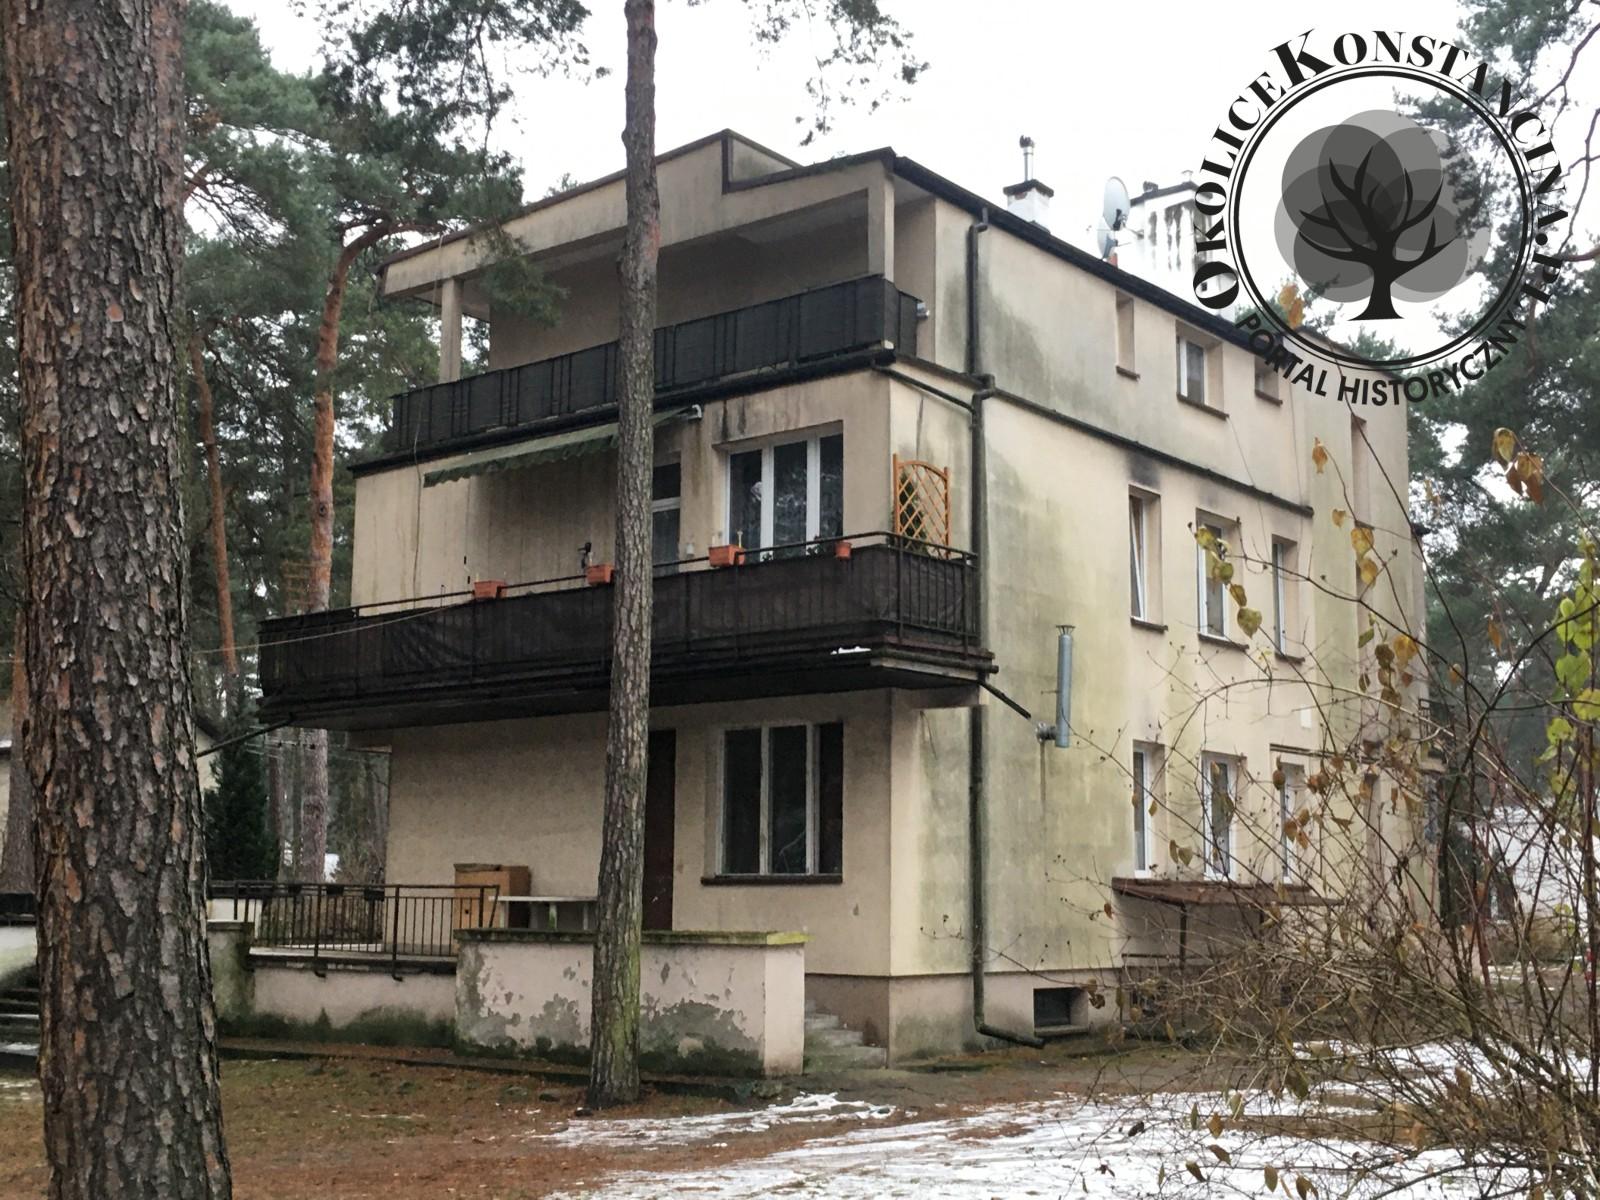 Dom przy ulicy Jasiowej 6 błędnie opisywany jako dom wypoczynkowy dr Bernsteina (fot.A.Zyszczyk)